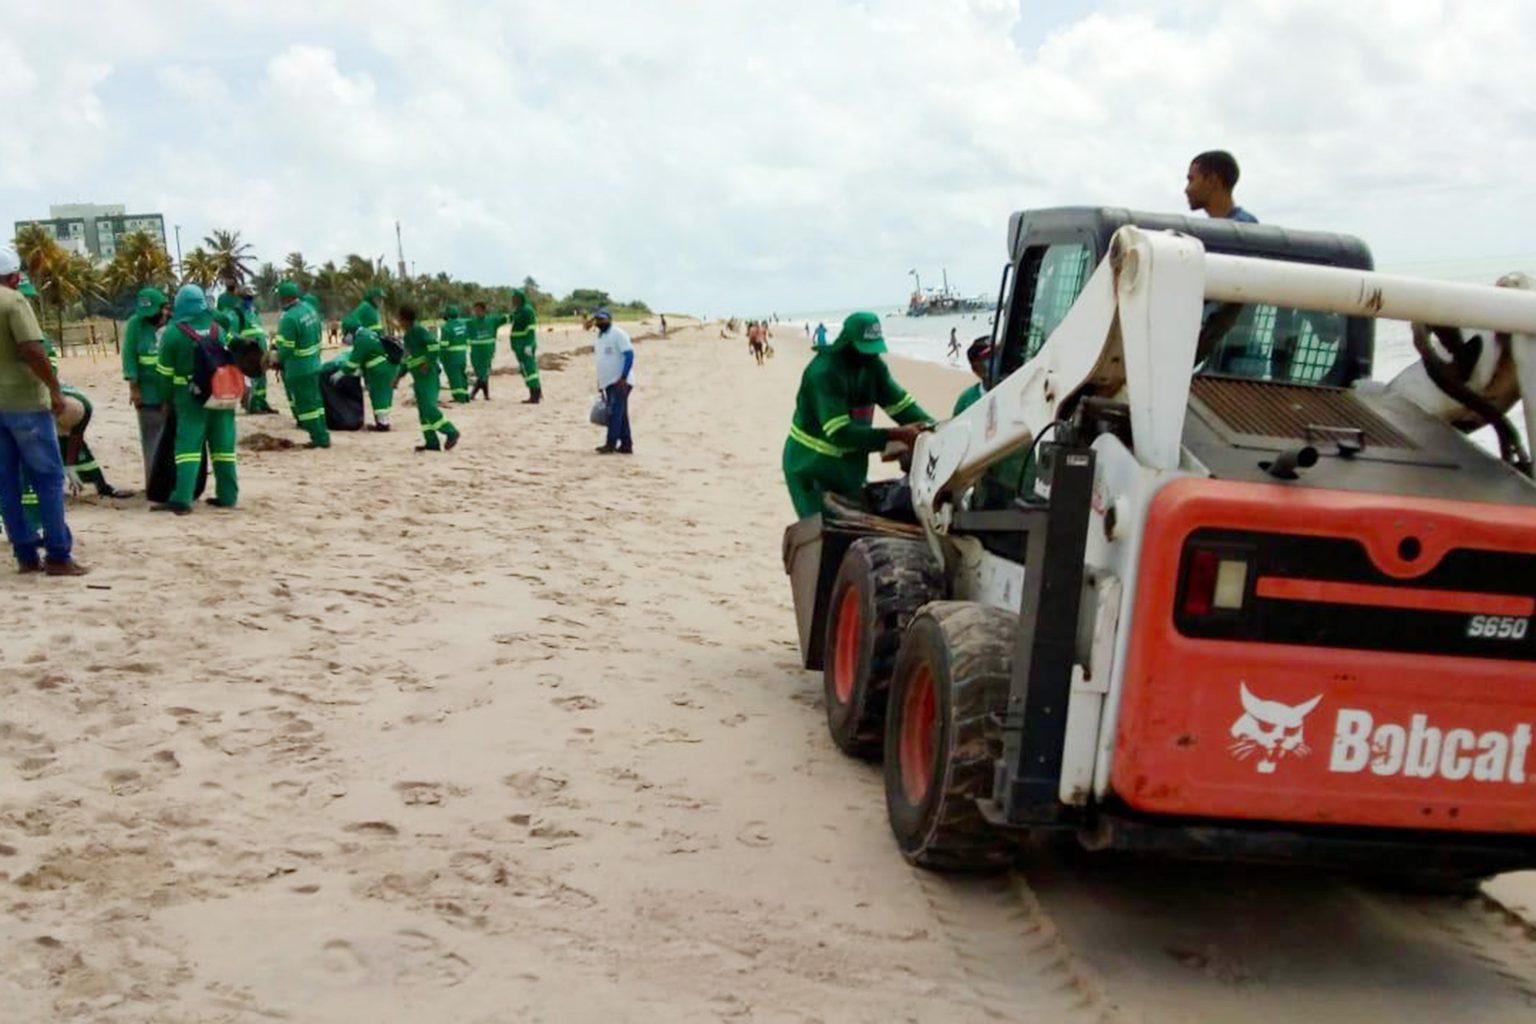 c4ca4238a0b923820dcc509a6f75849b 1536x1024 1 - Lixo para praias da Grande João Pessoa pode ter sido trazido por correntes marítimas